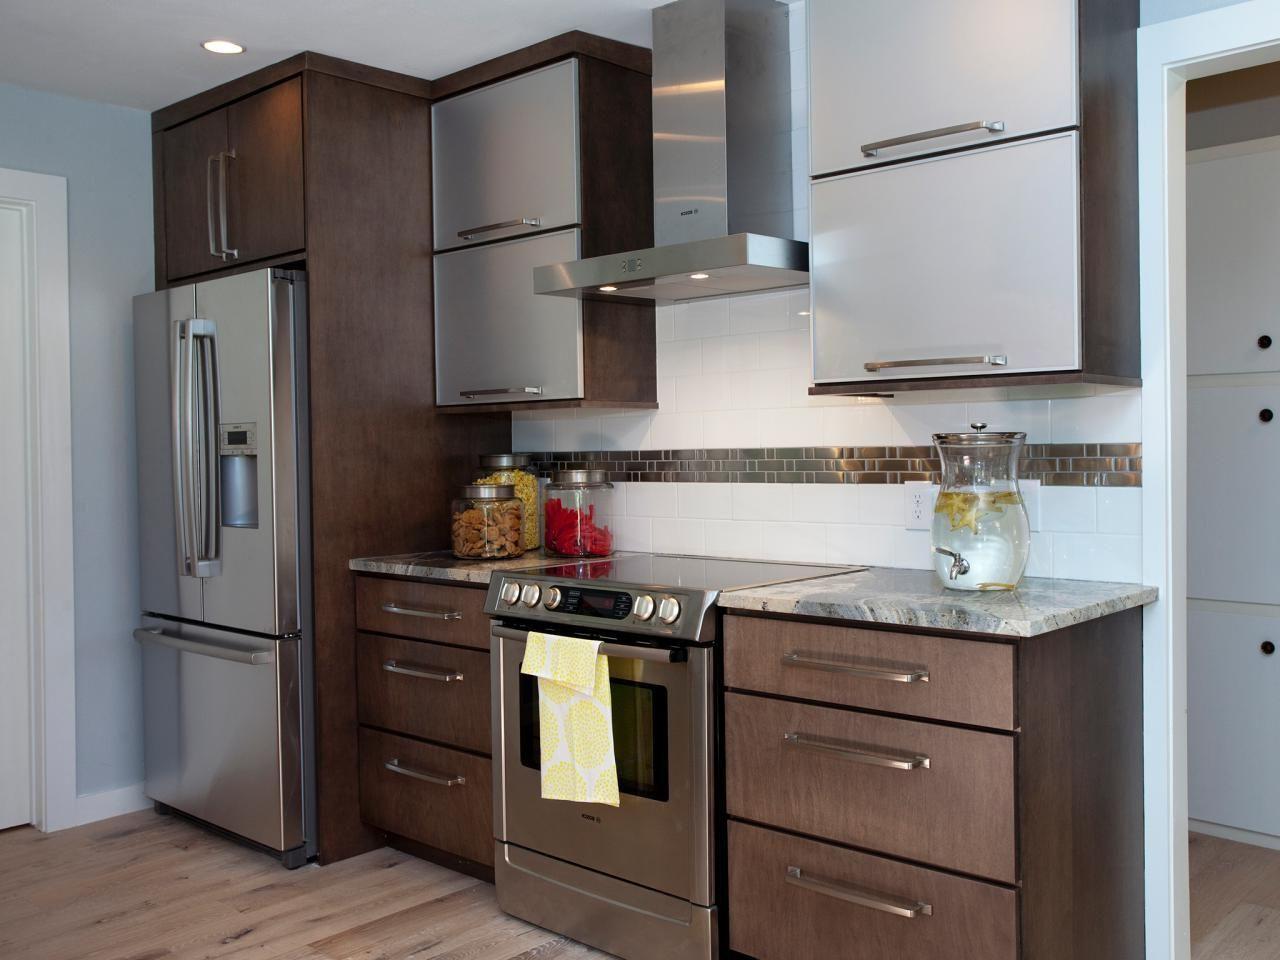 Home küche einfache design bilder  die meisten fancy metall küche kabinette hersteller kreativität